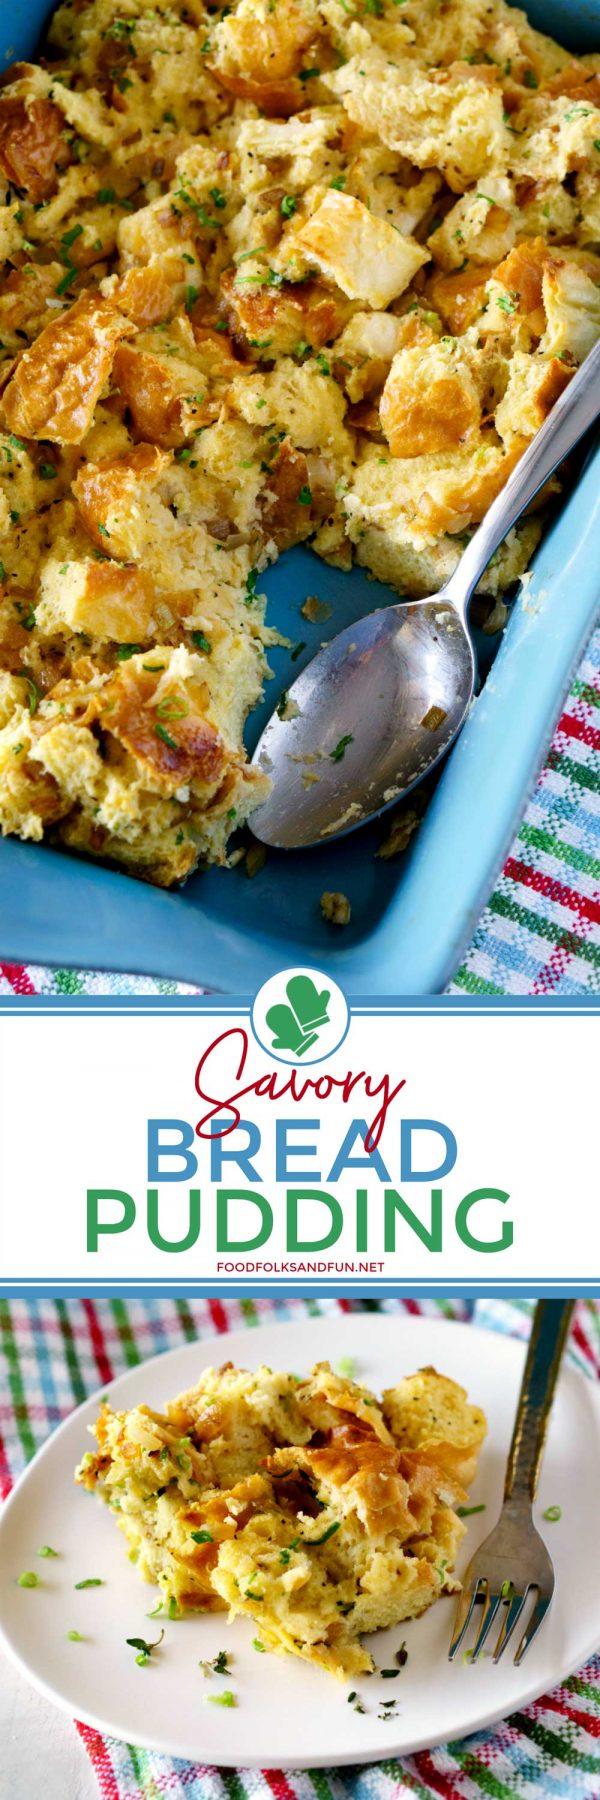 Savory Bread Pudding recipe